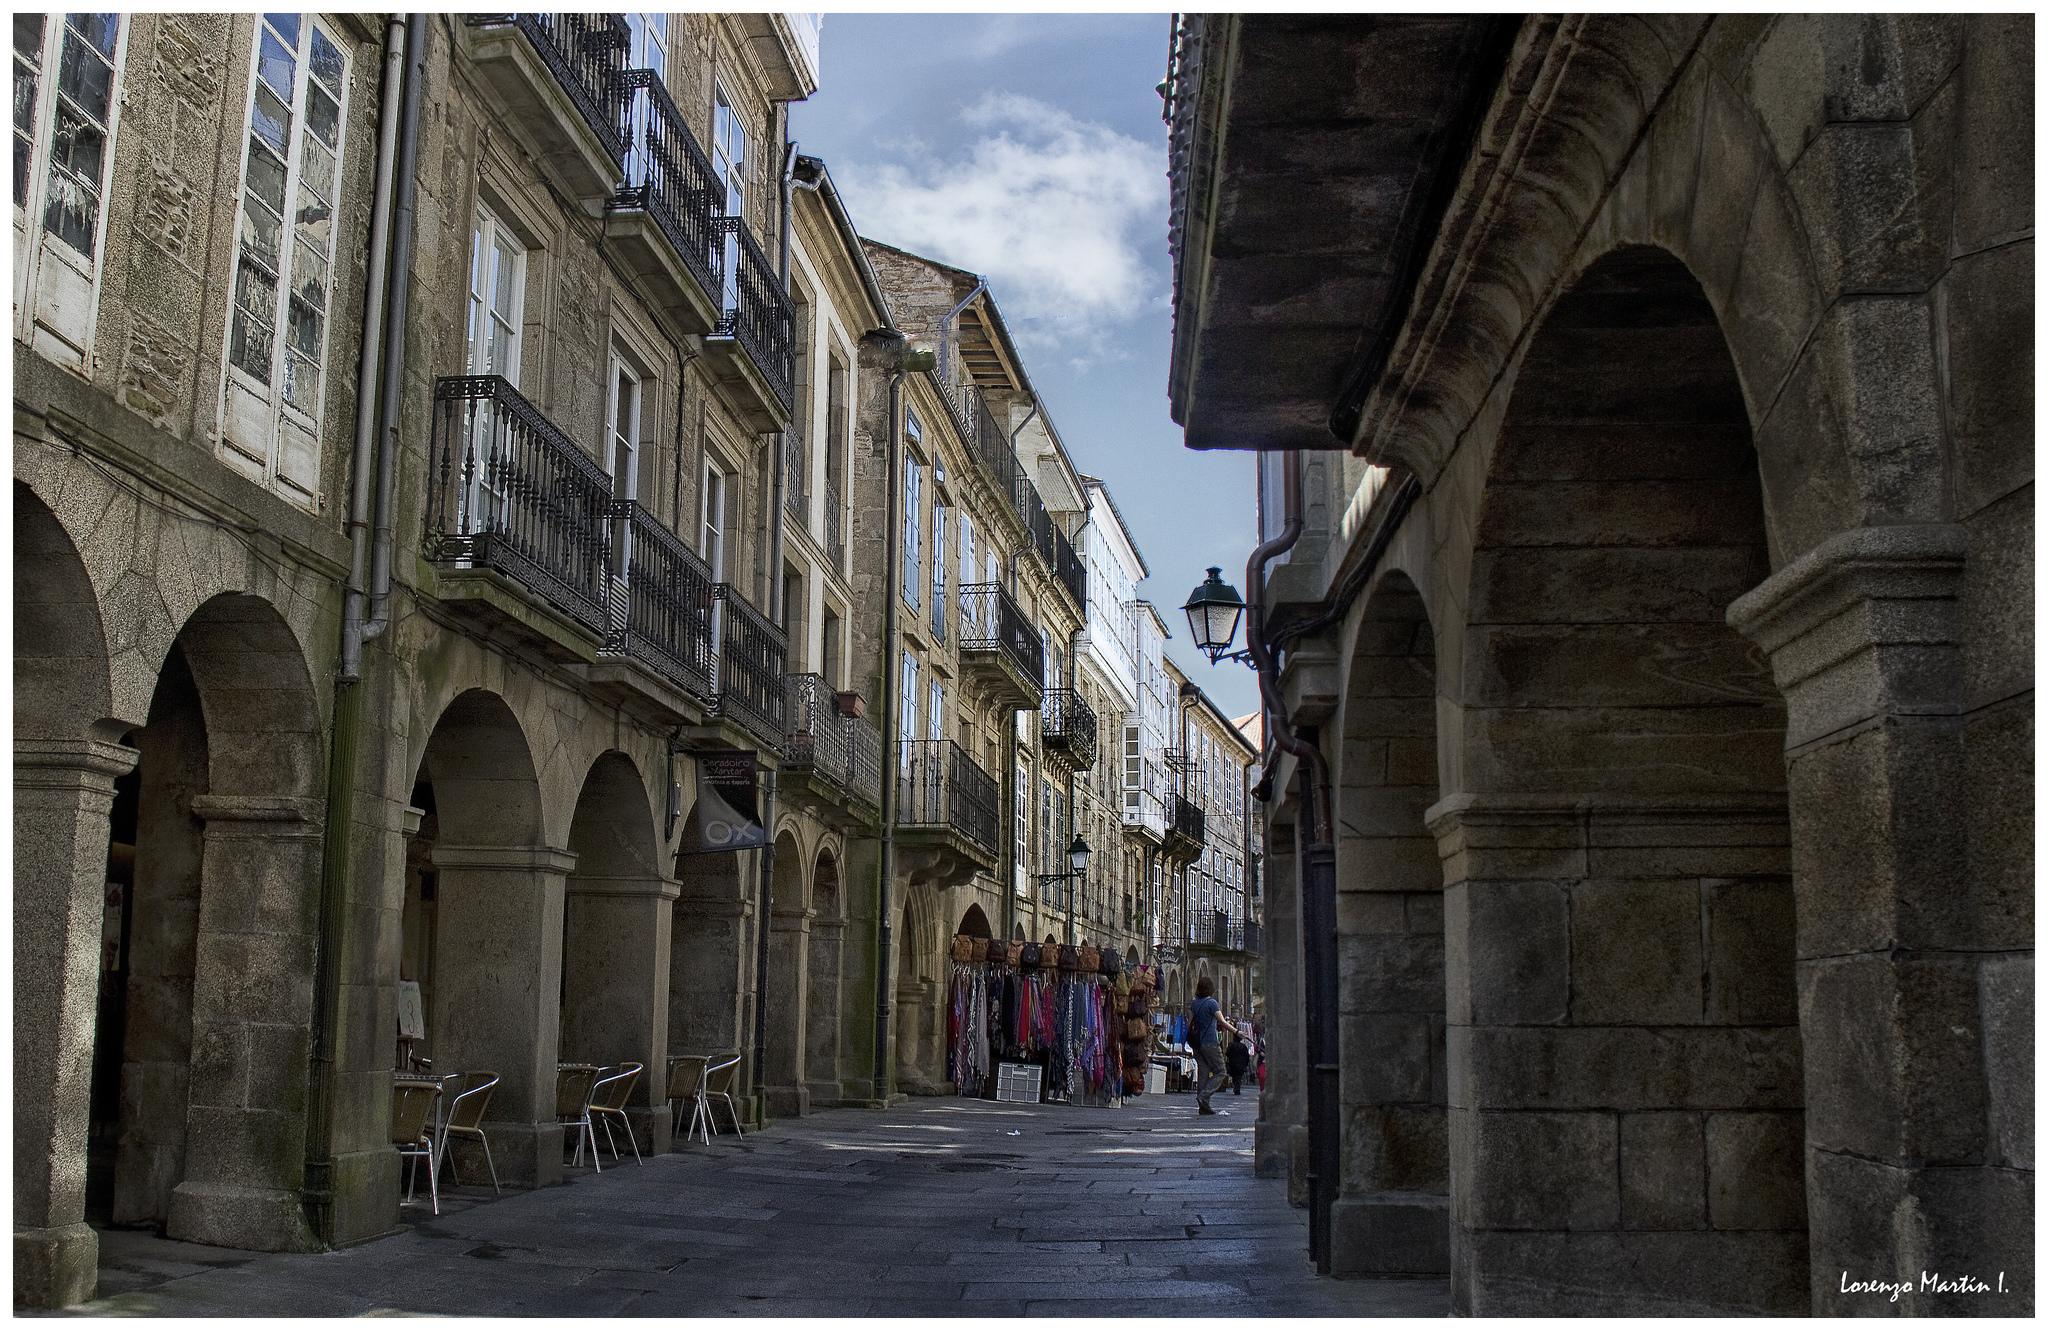 Сантяго-де-Компостела, Испания: интересные достопримечательности, зачем ехать, куда пойти, хорошие рестораны и отзывы туристов